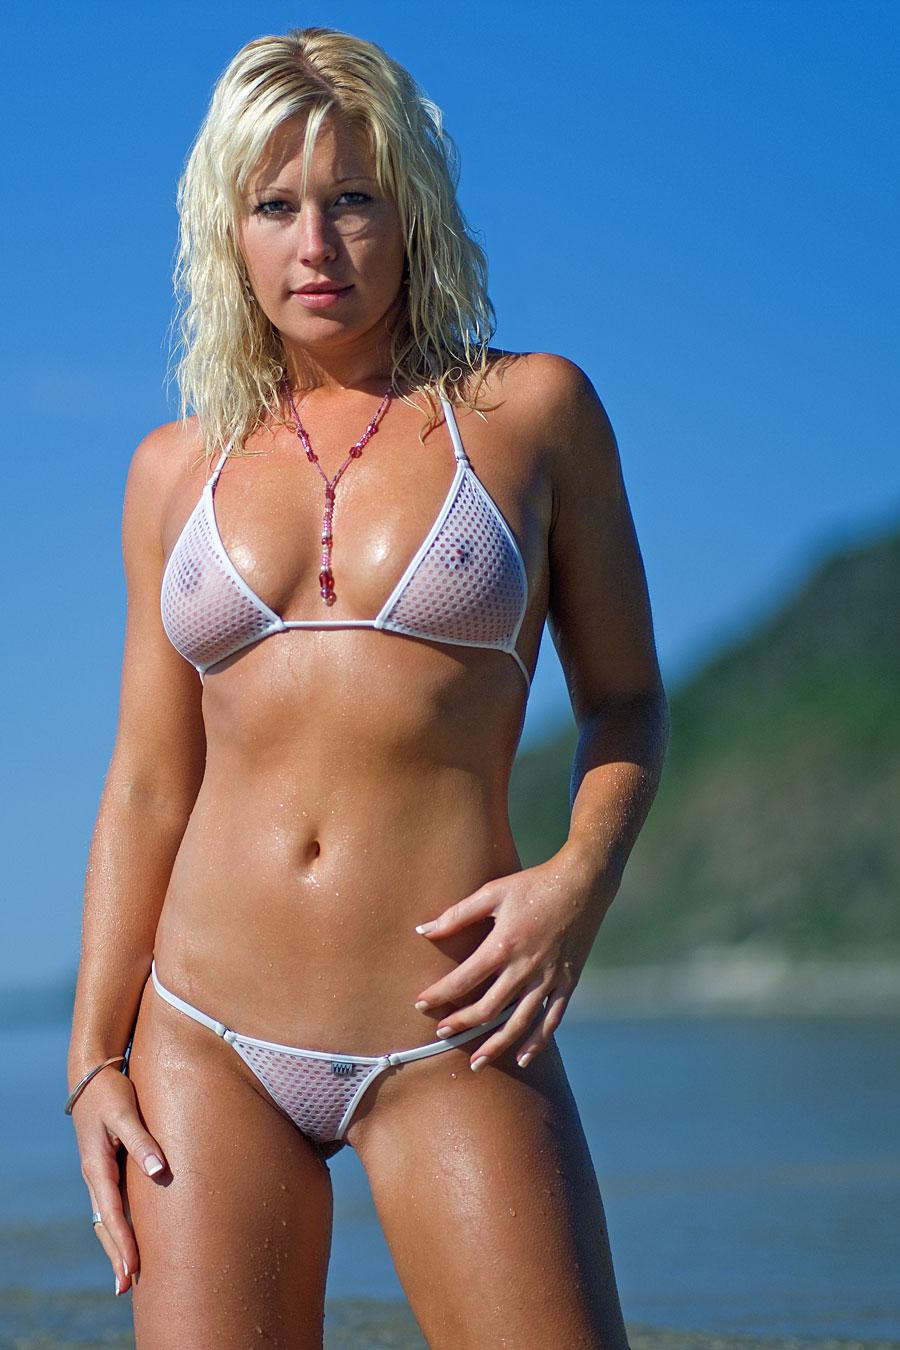 Hot Girl Wearing See Through bikini